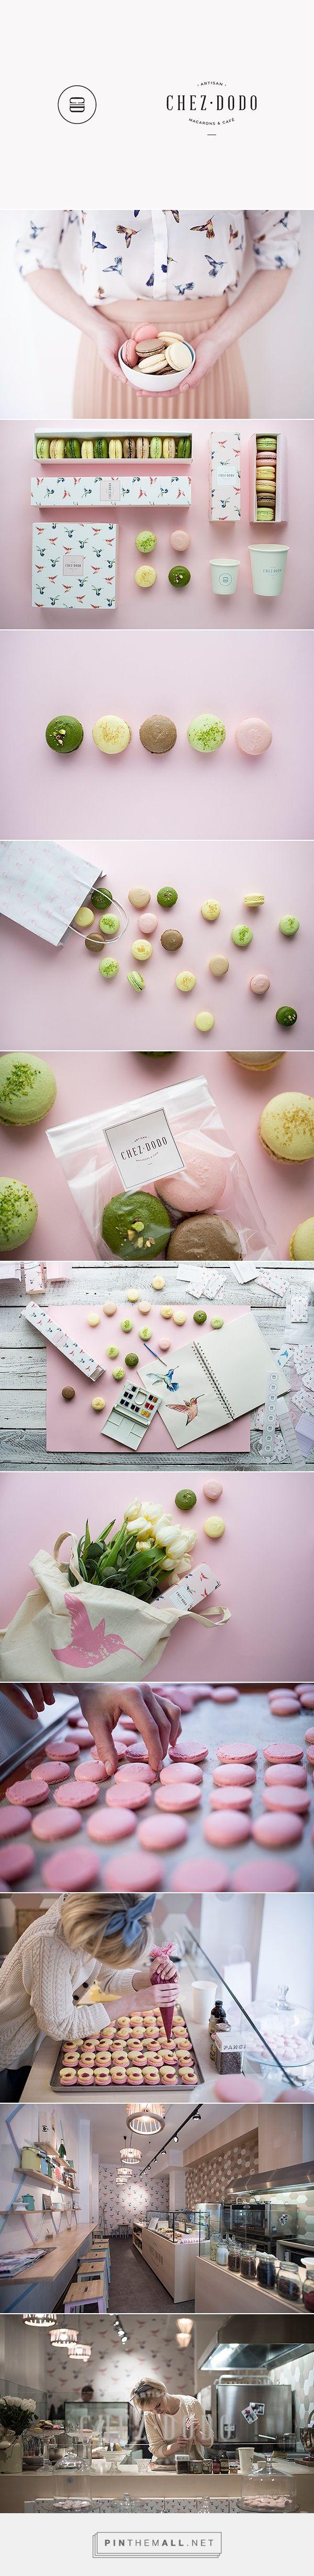 C H E Z D O D O   art direction & graphic design for an artisan macaron…